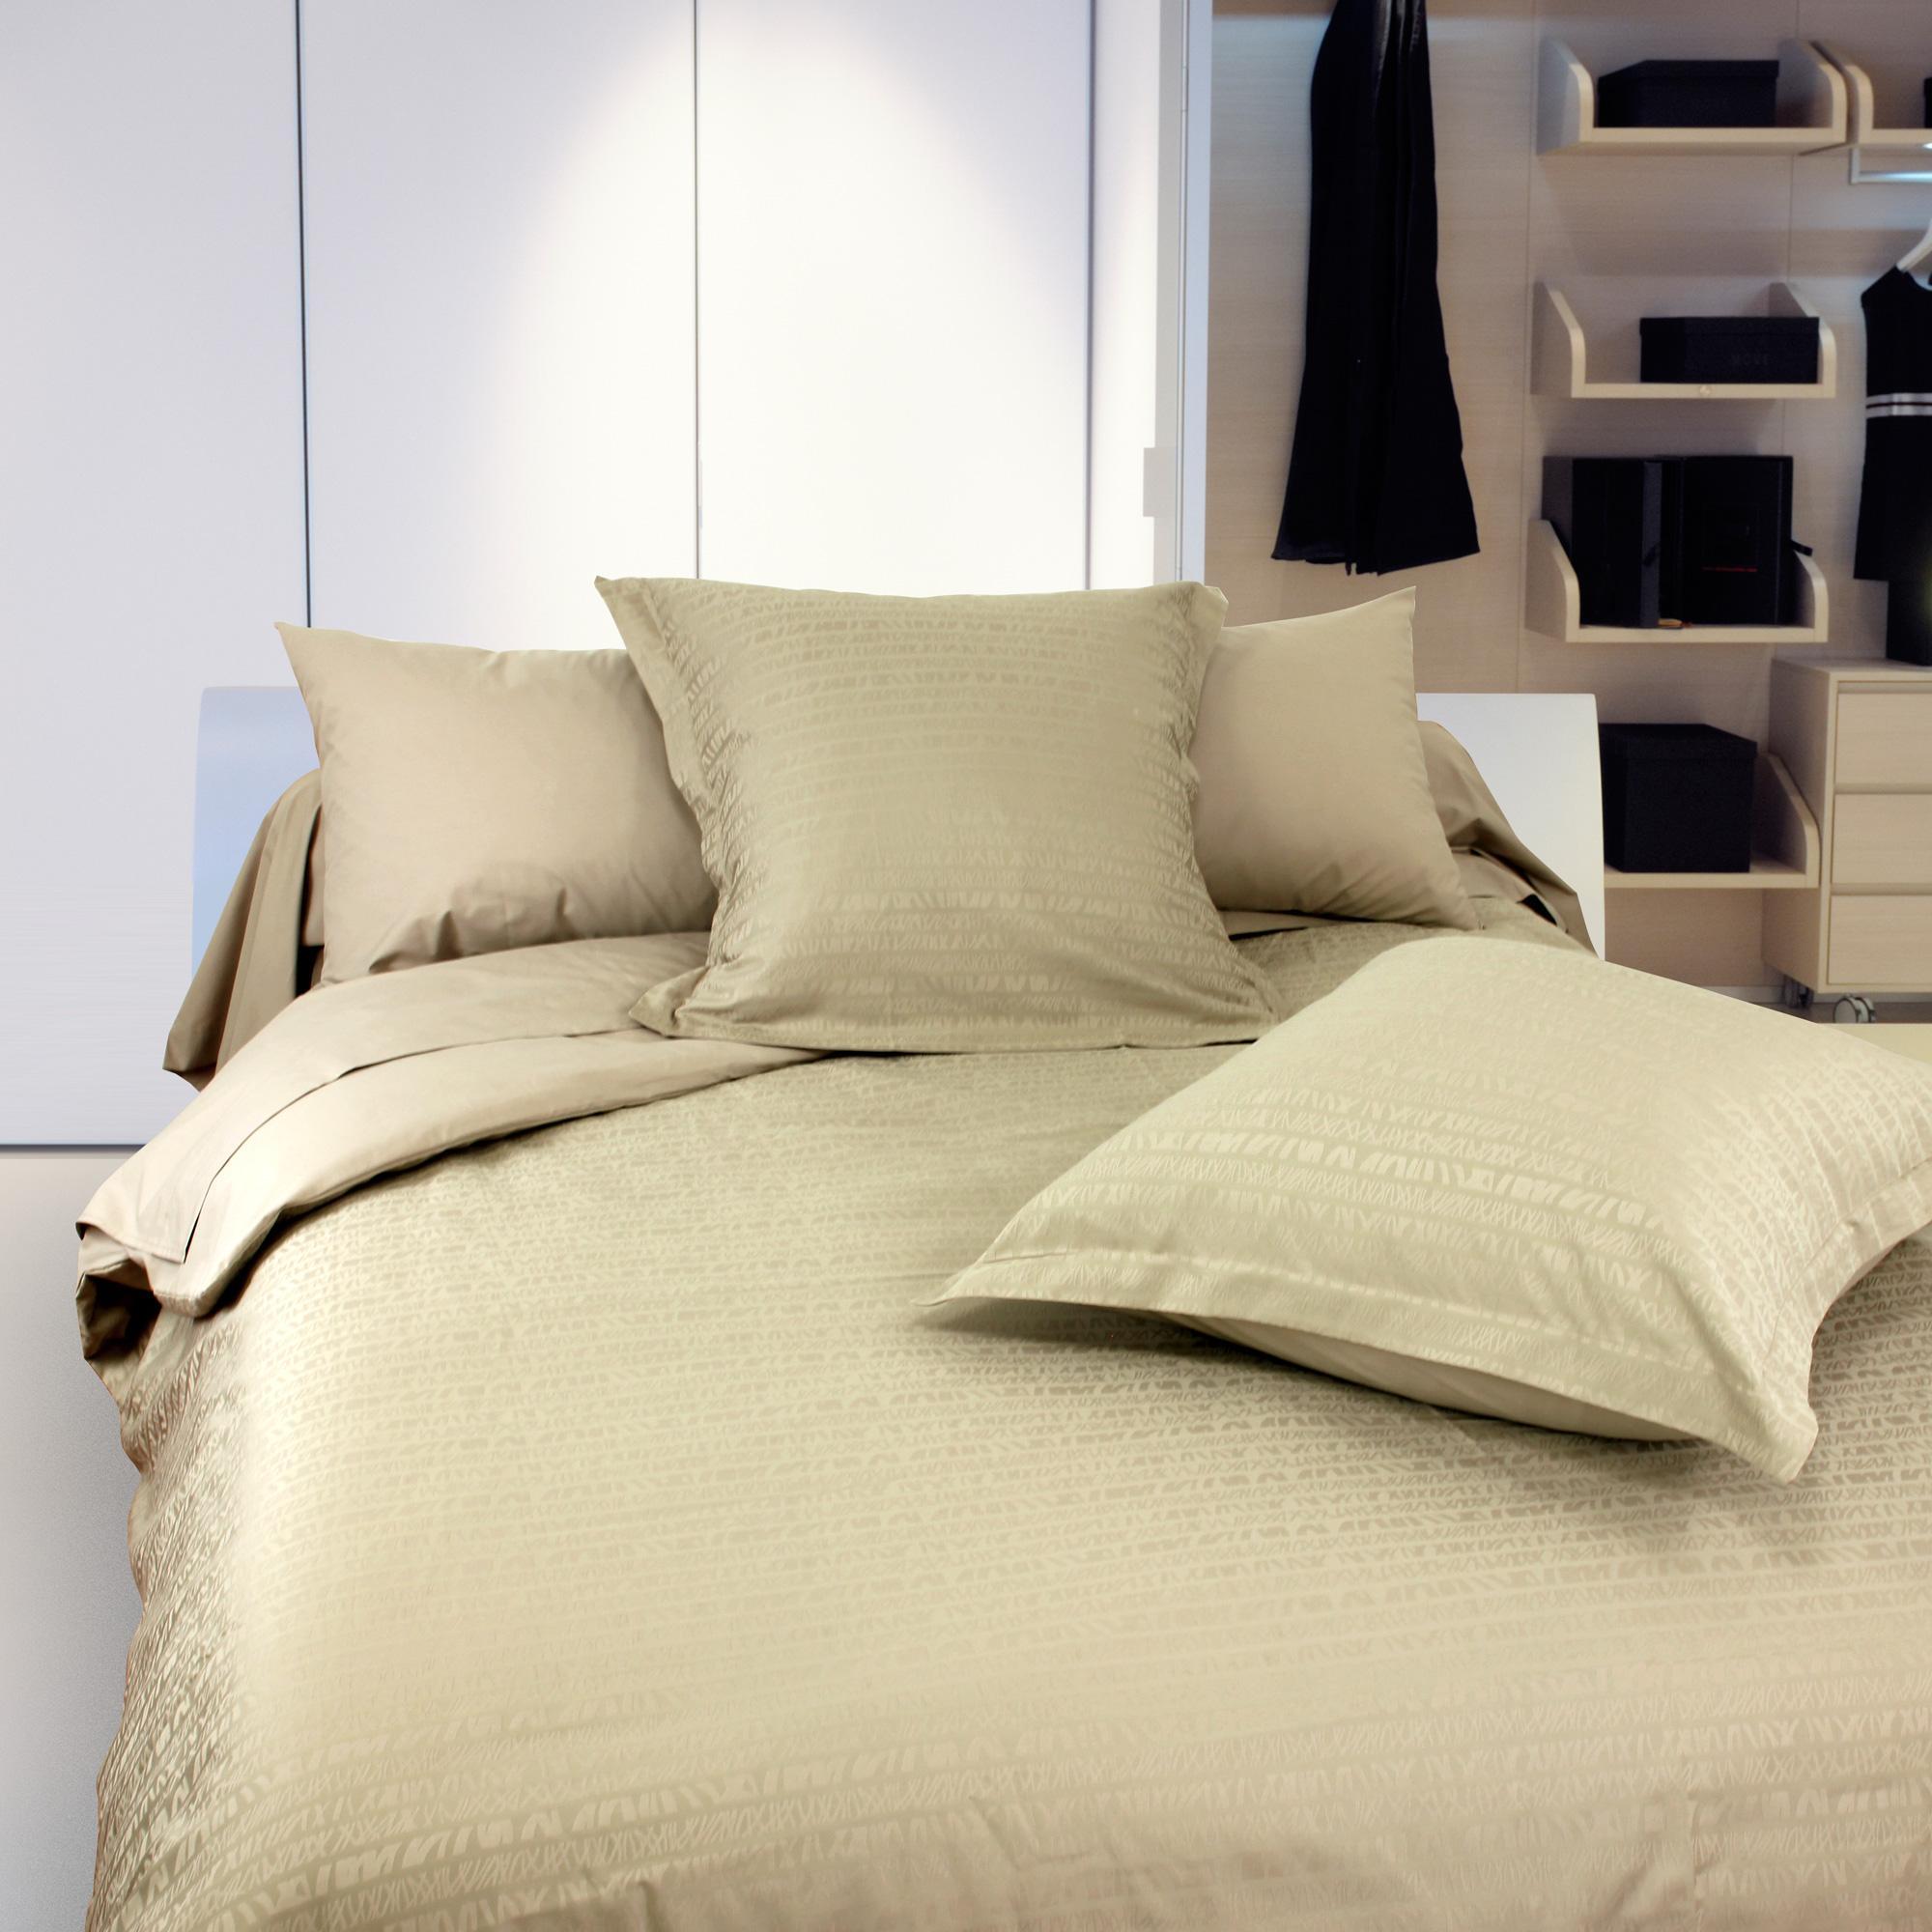 drap plat 270x310 uni percale de coton victoire ebay. Black Bedroom Furniture Sets. Home Design Ideas